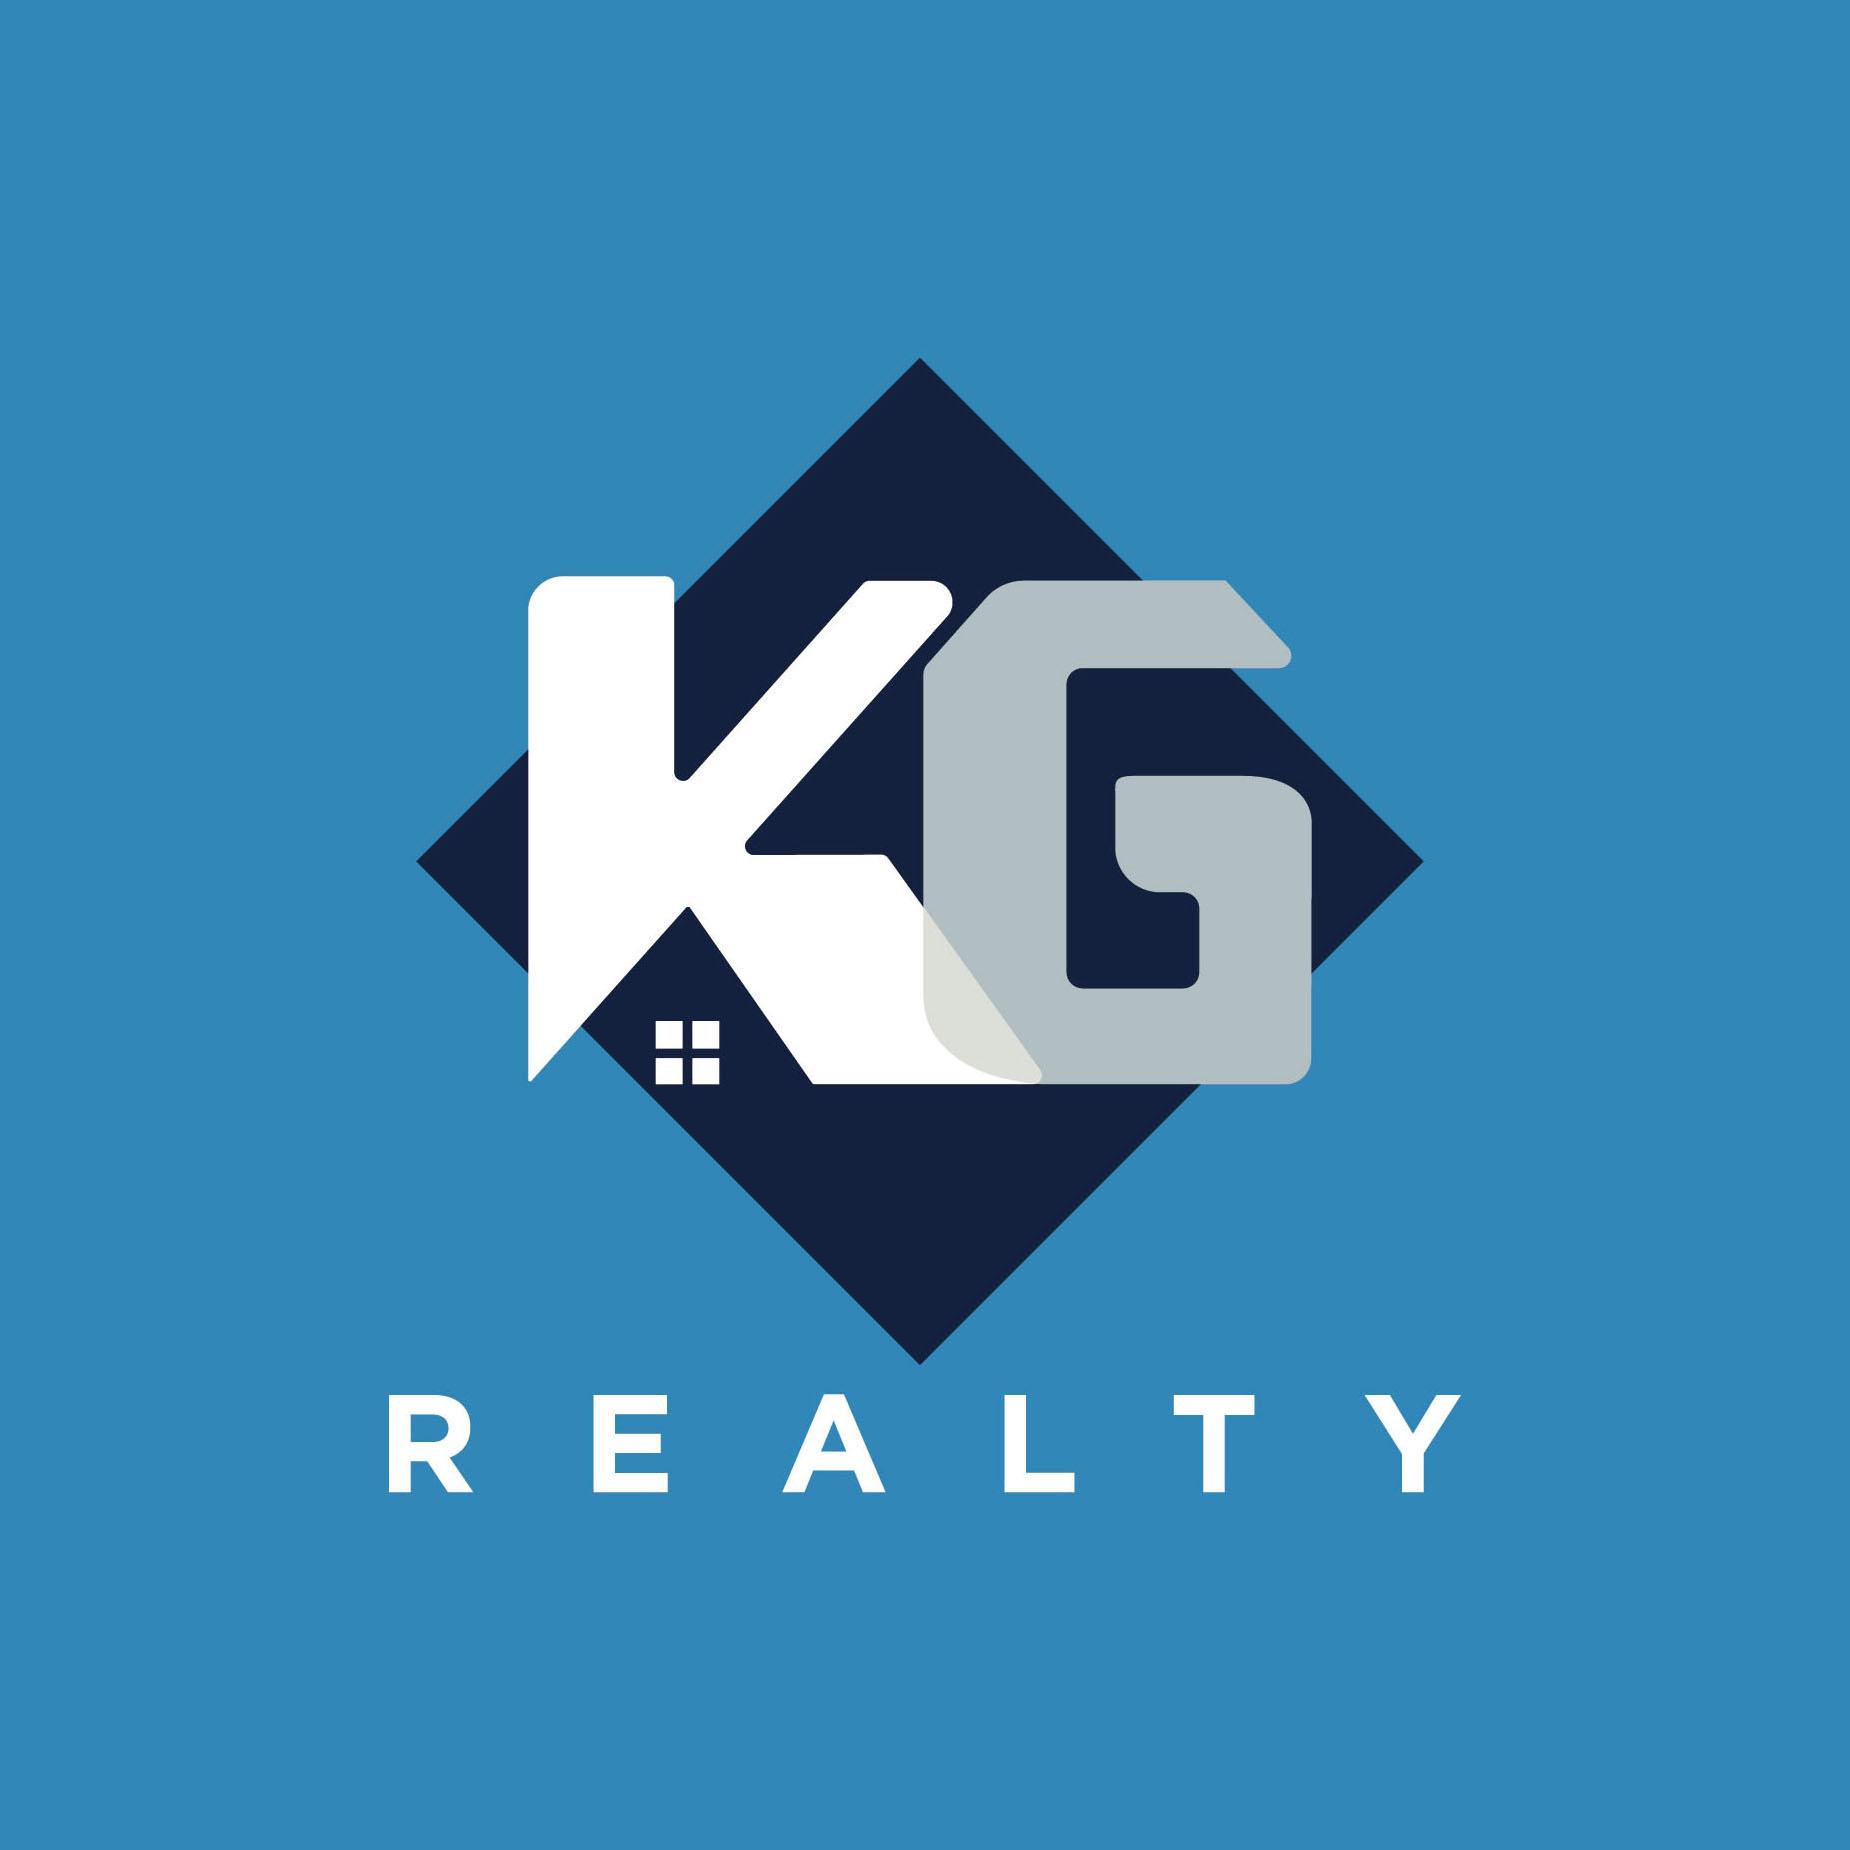 KG Realty, LLC logo